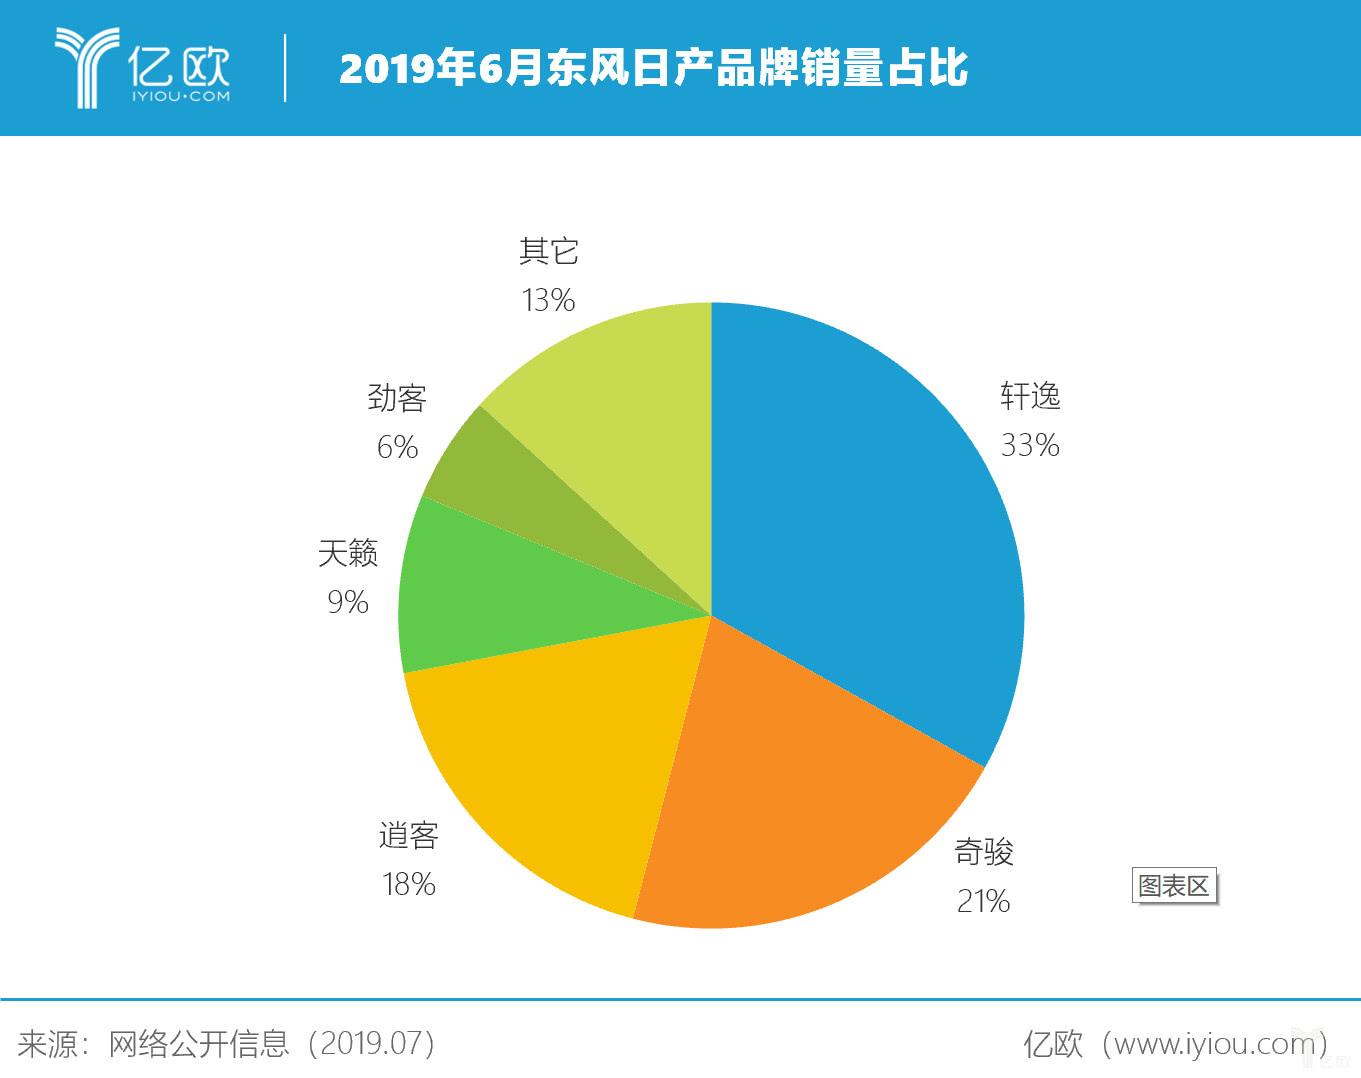 <b>新款轩逸竞争力不足,东风日产下半年依旧走钢丝</b>